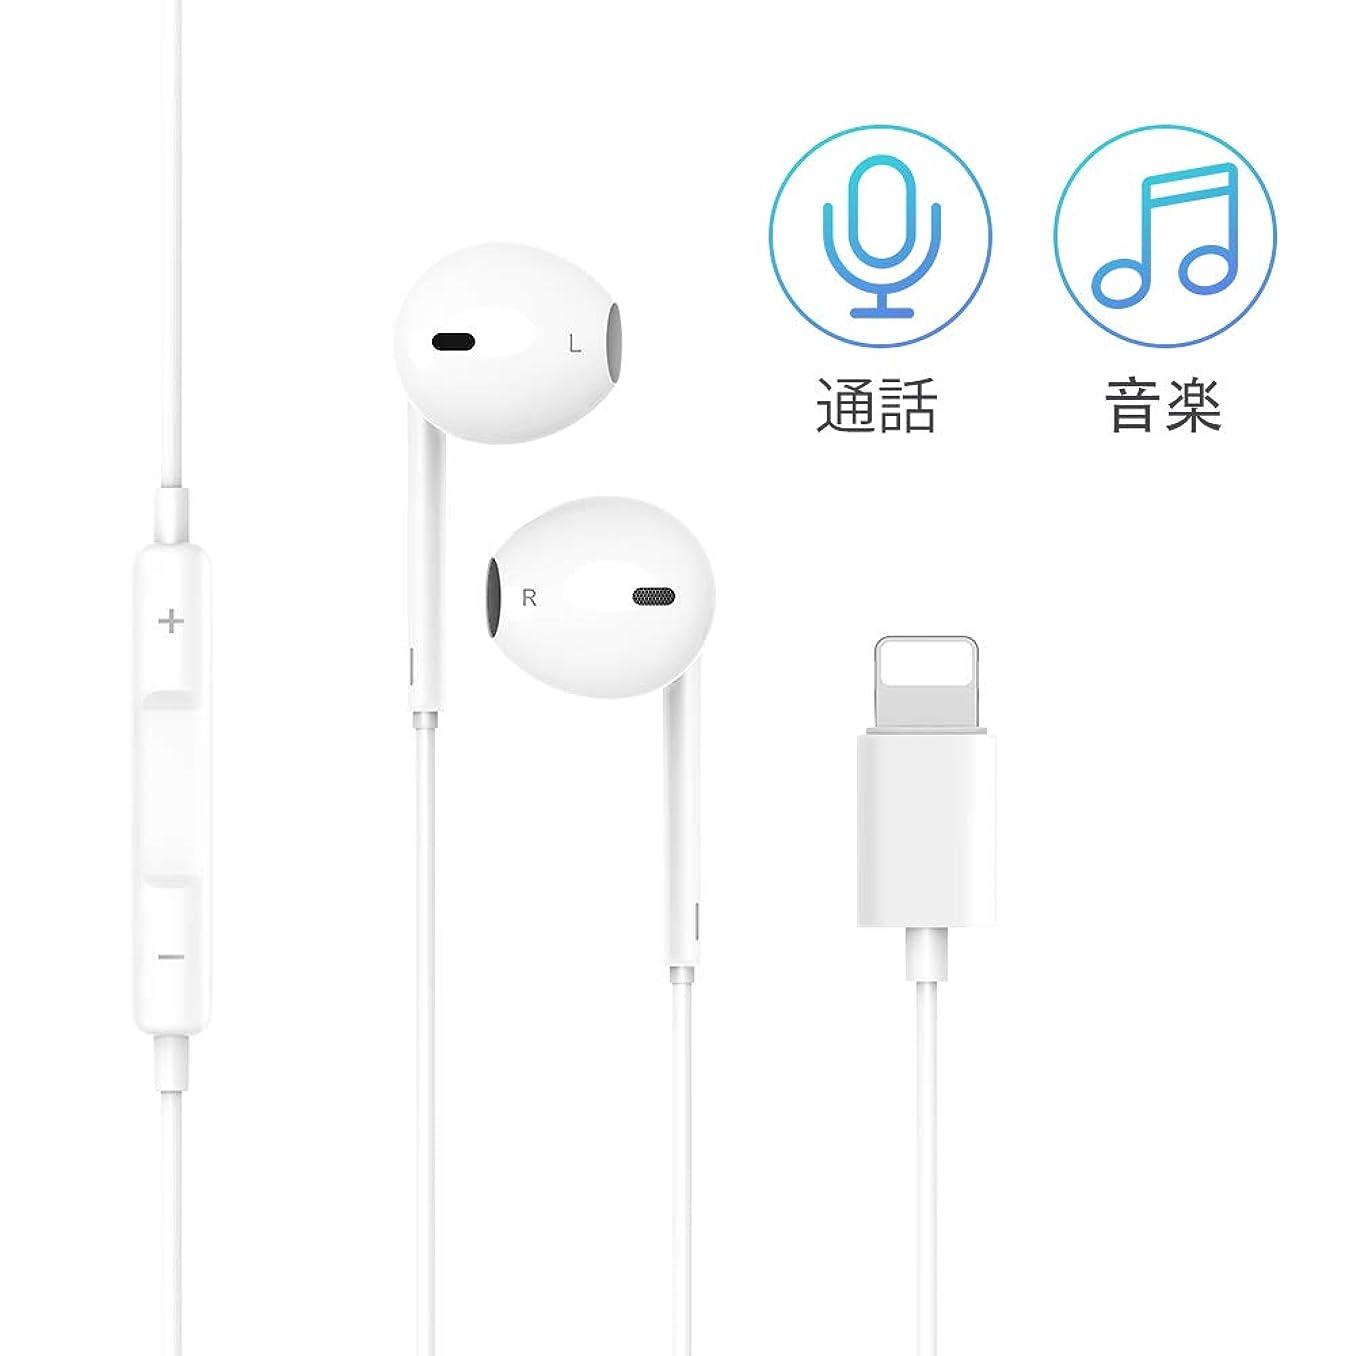 きしむ検出混乱iphone イヤホン 高音質iPhone イヤフォン リモコン付き マイク付き iPhone7/7Plus/iPhone8/Plus/X/XS/XS Max/XR/iPad 対応 (ホワイト)